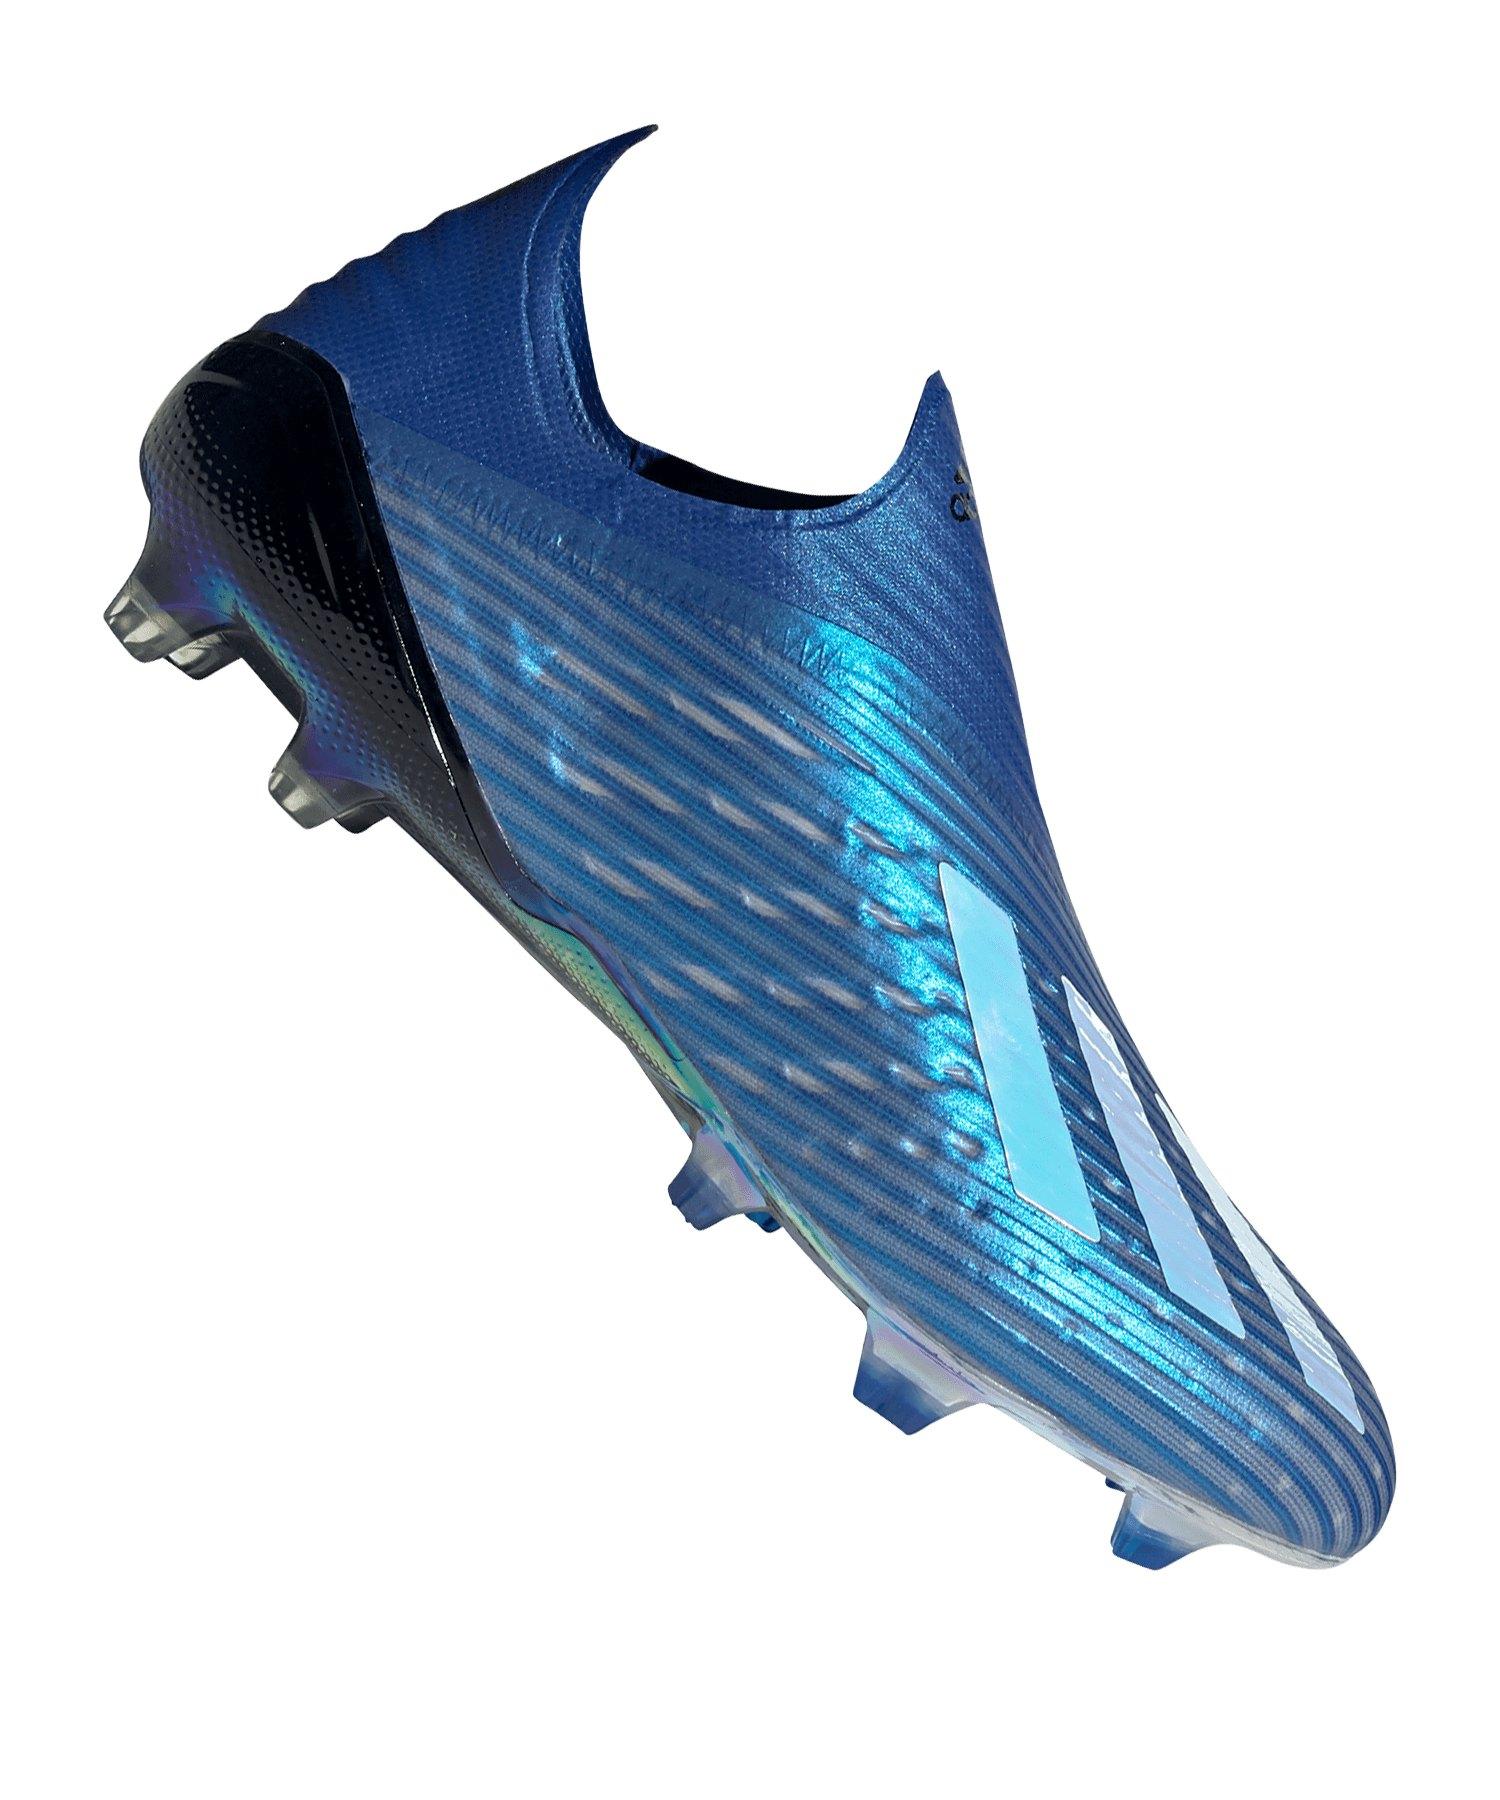 adidas X 19+ FG Blau Schwarz